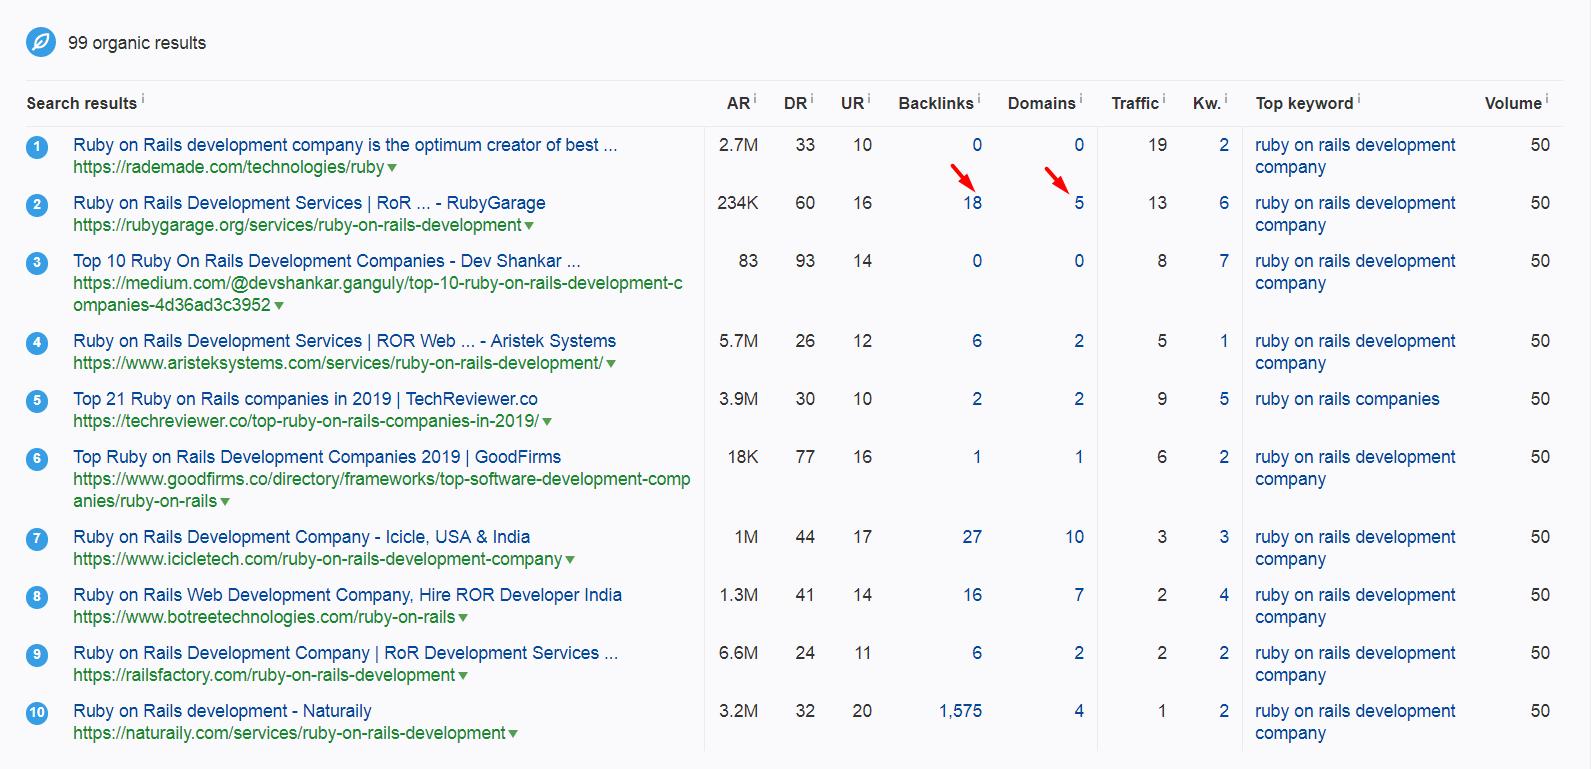 Как попасть в топ Google в ЕС-США в нише разработки и найти клиентов с большими бюджетами - 5